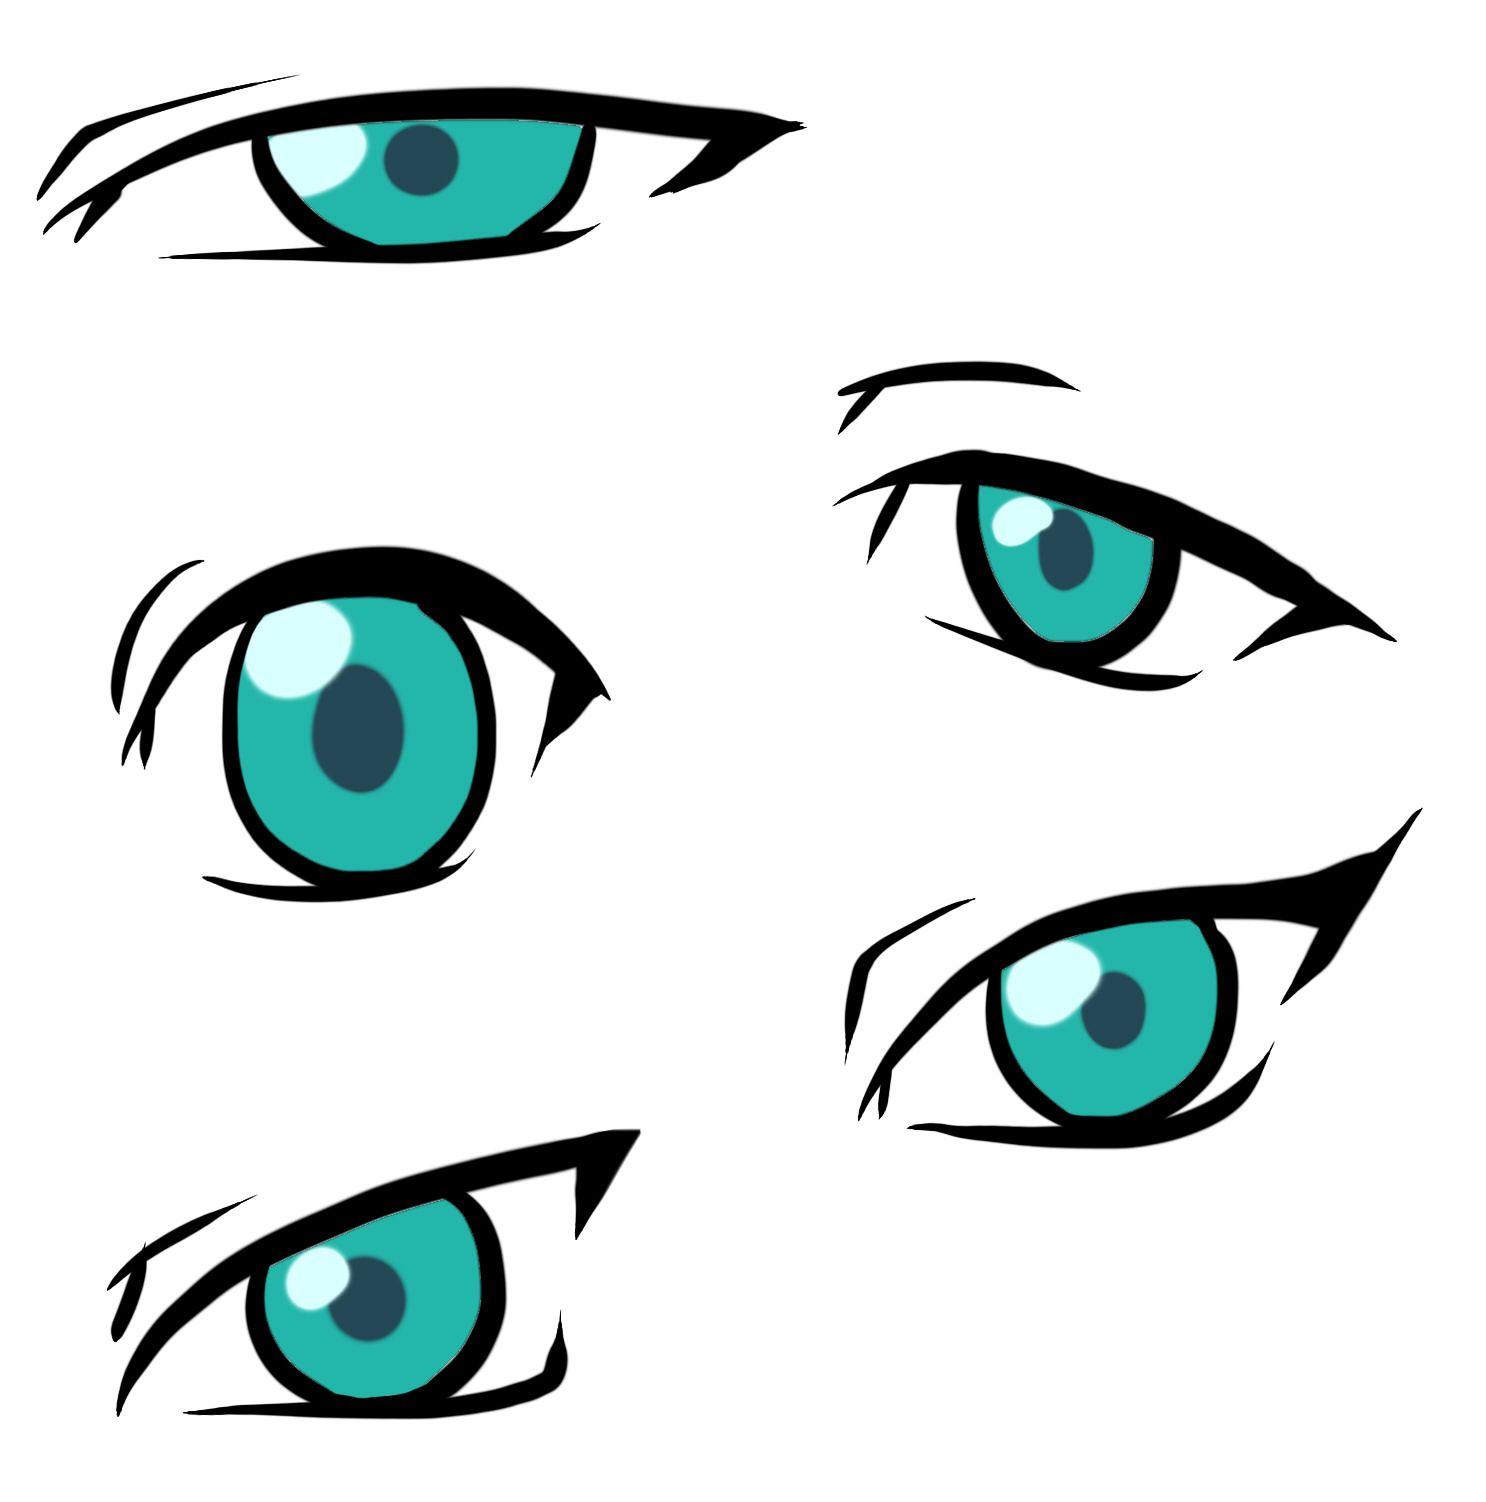 Adding Style To Manga / Anime Eyes